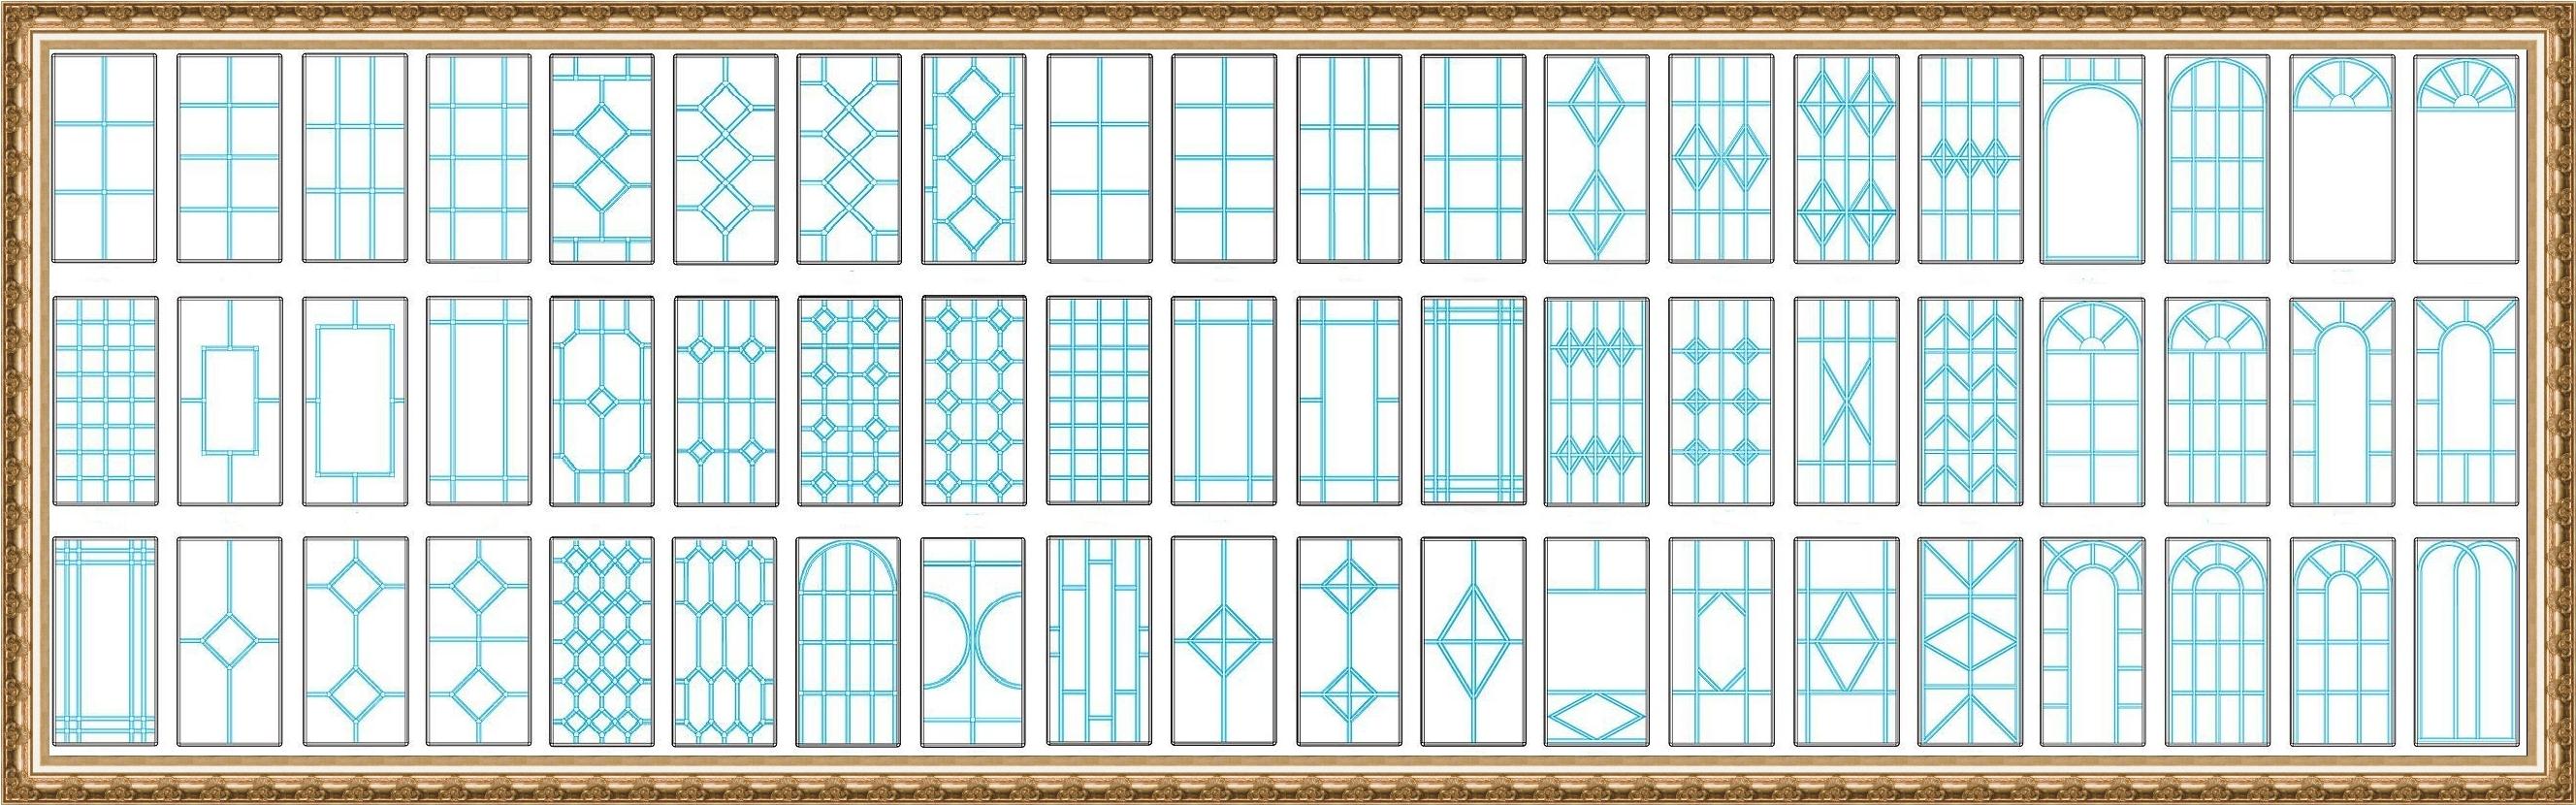 Варианты раскладки в ПВХ конструкциях